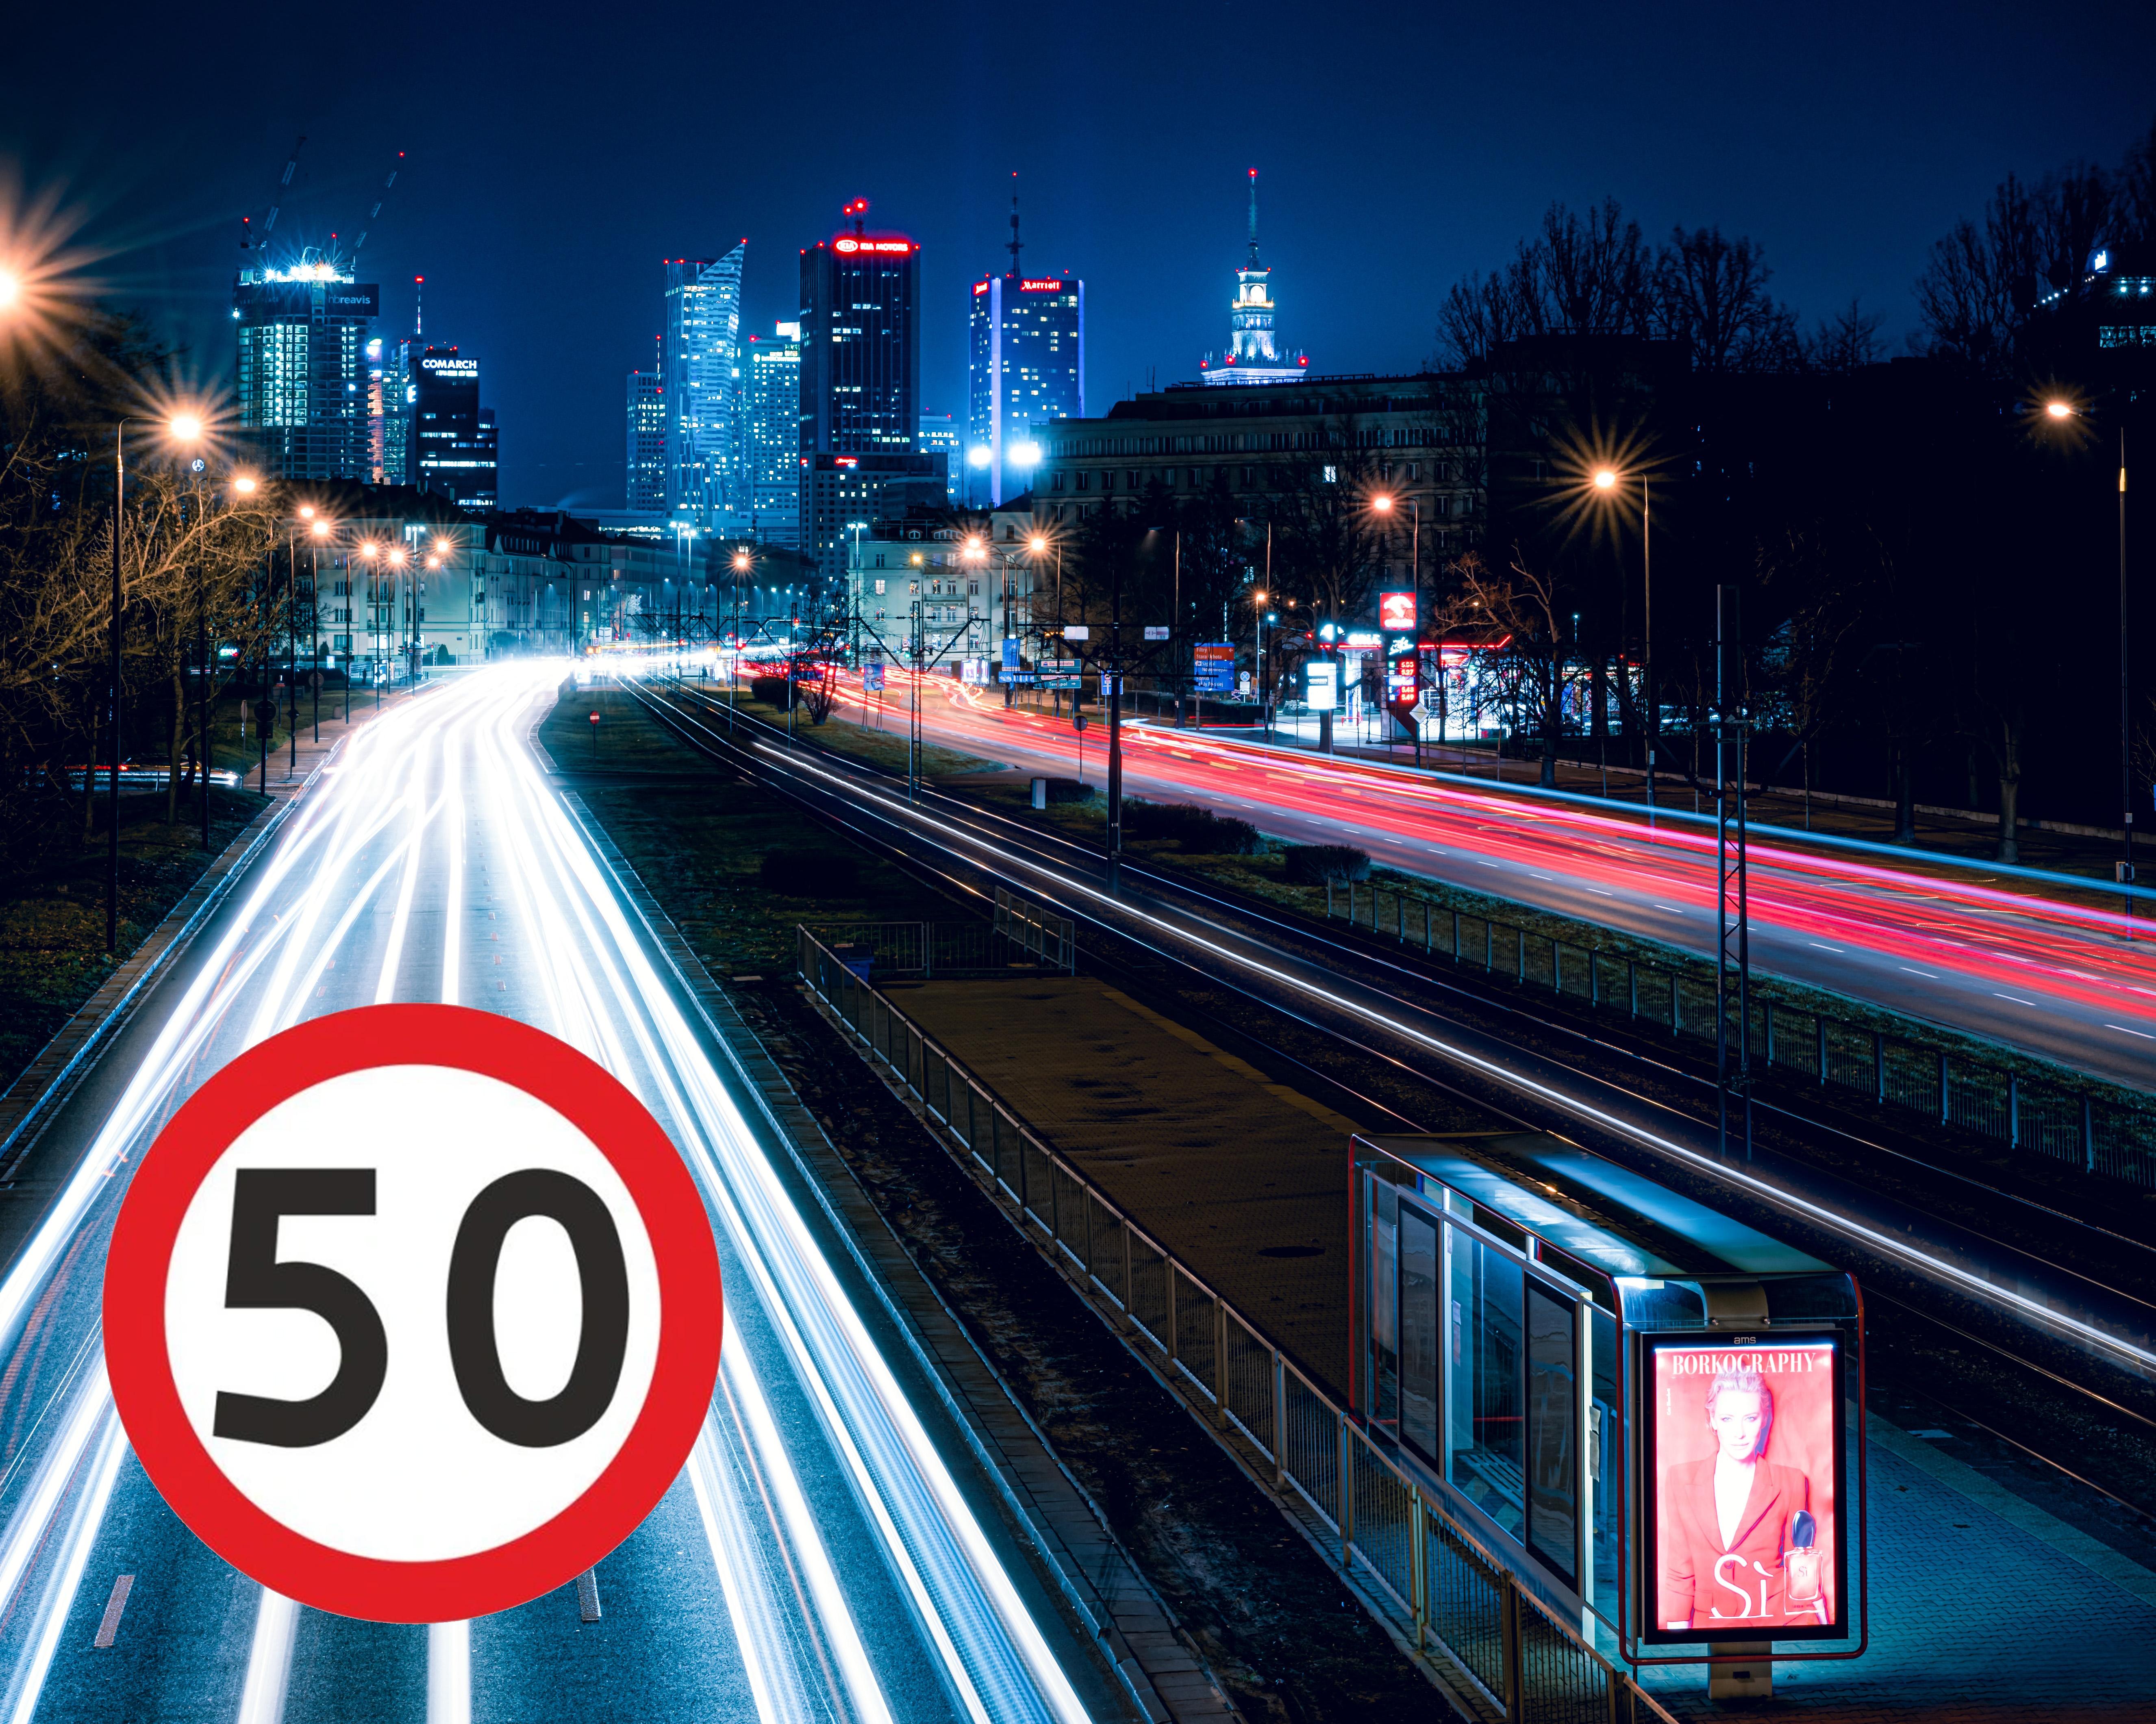 Warszawa 50 ograniczenie